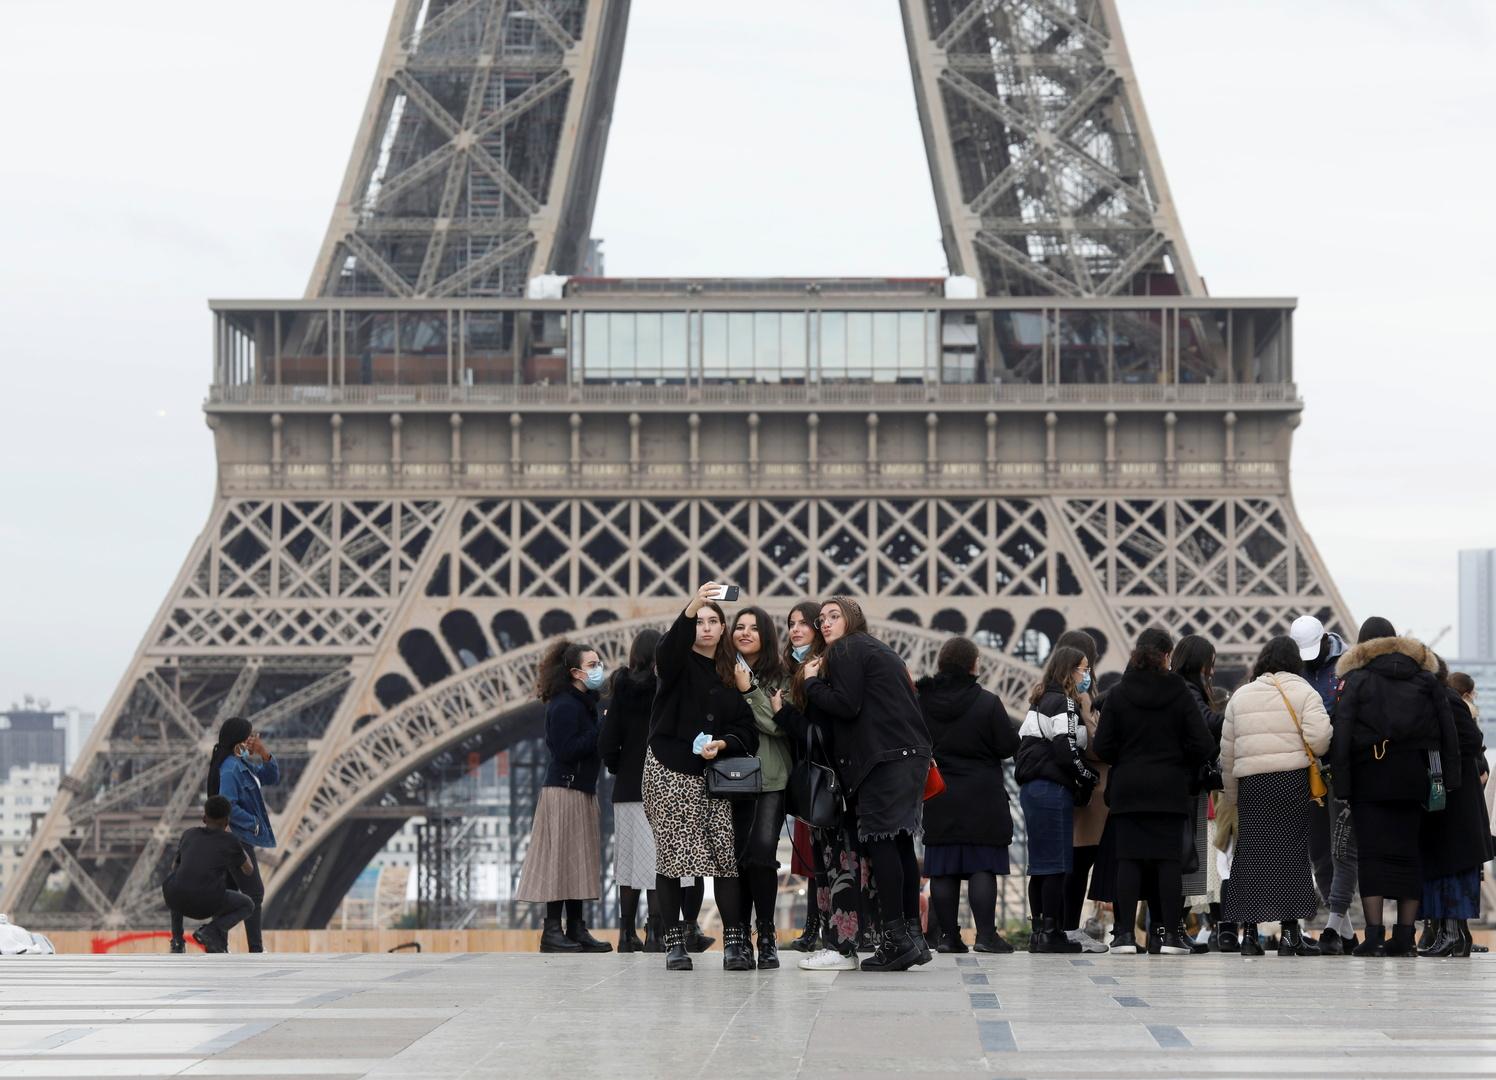 حكومة فرنسا توجه بارتداء الكمامات في المدارس ونقل كل الموظفين للعمل عن بعد قدر الإمكان